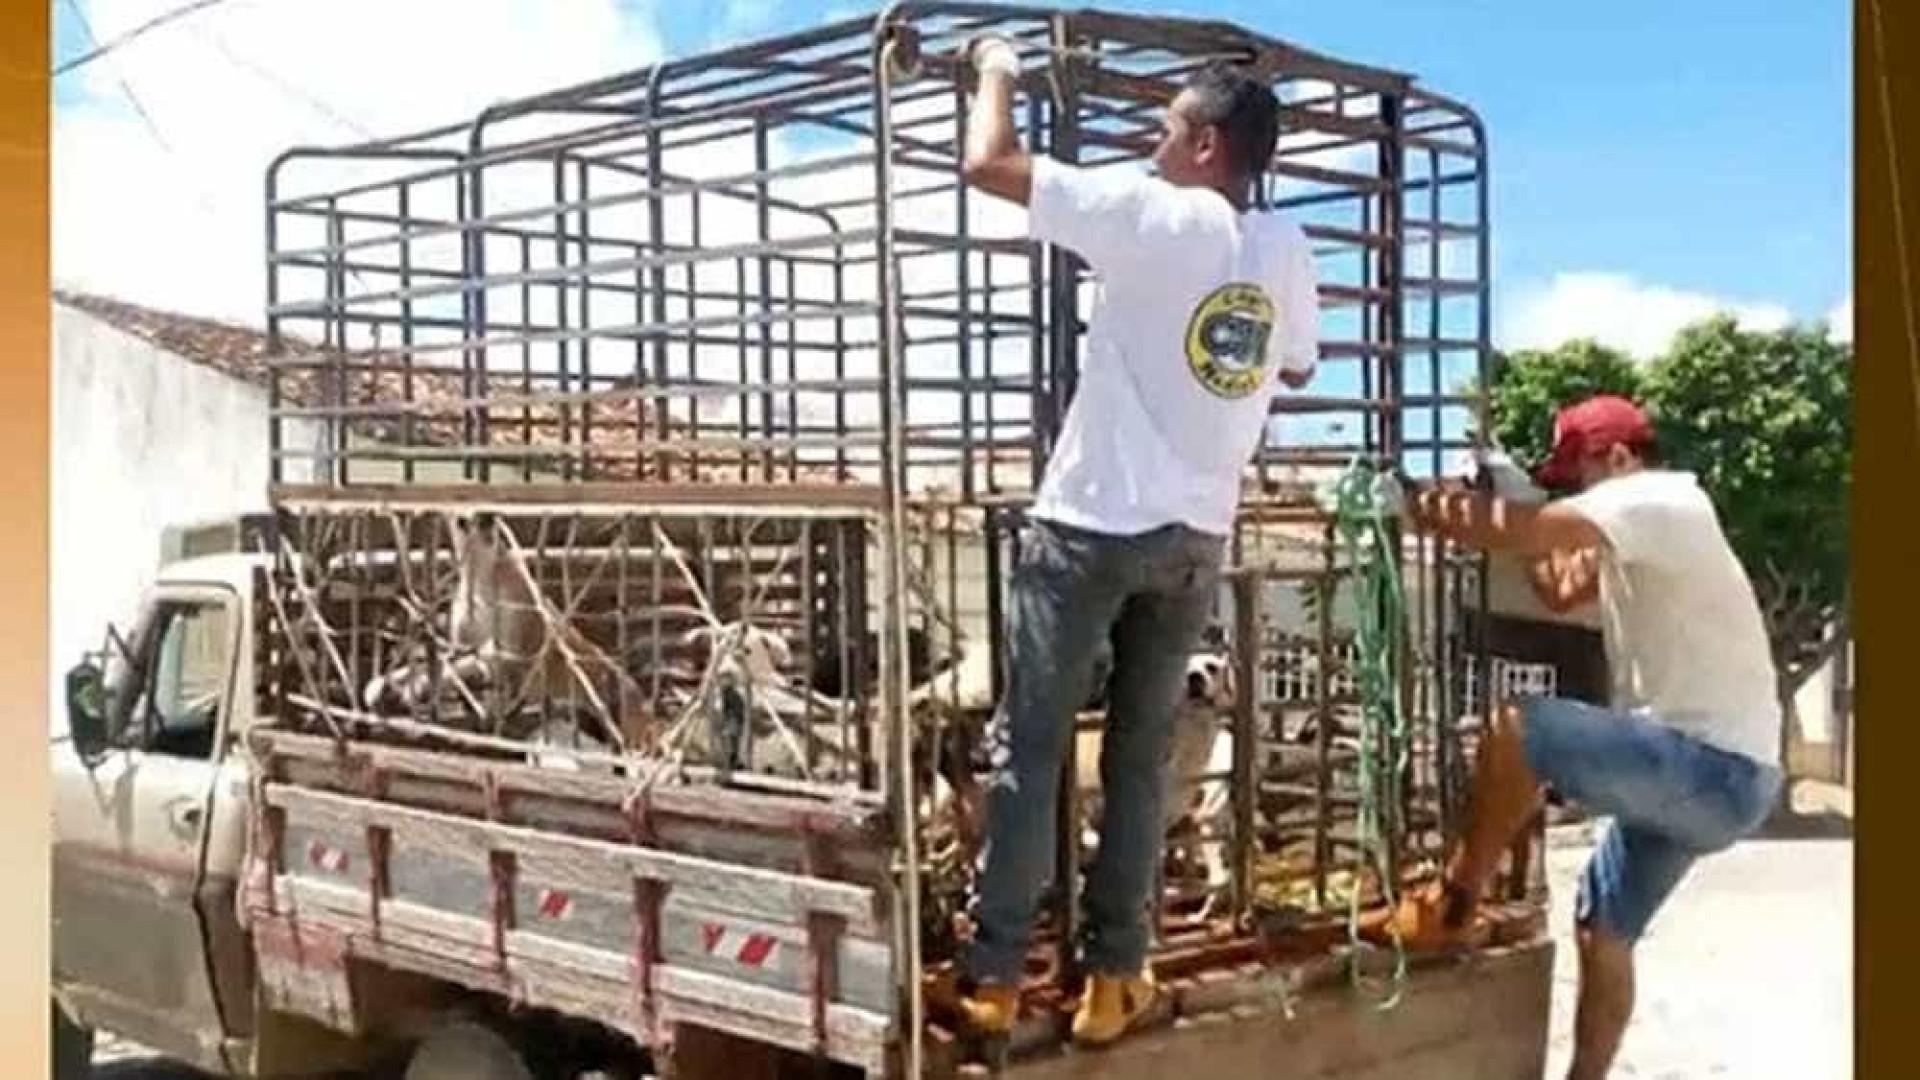 Secretário que autorizou matança de cães na Paraíba é exonerado de cargo